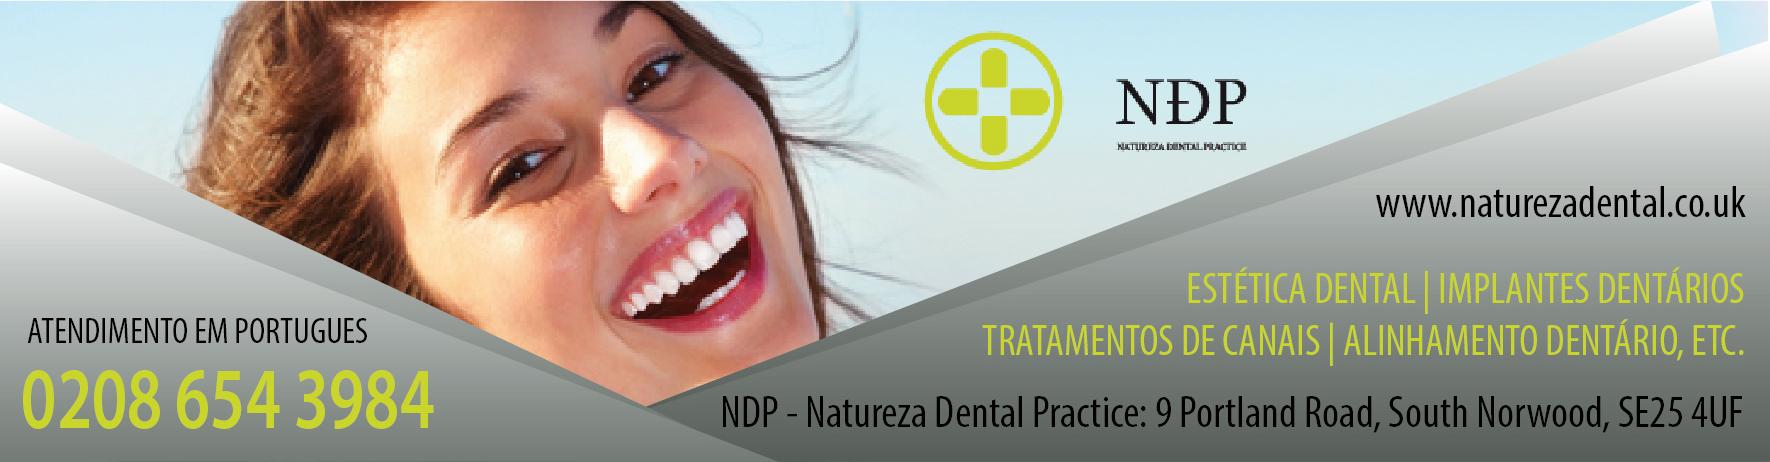 Clareamento Dental (parte 2)